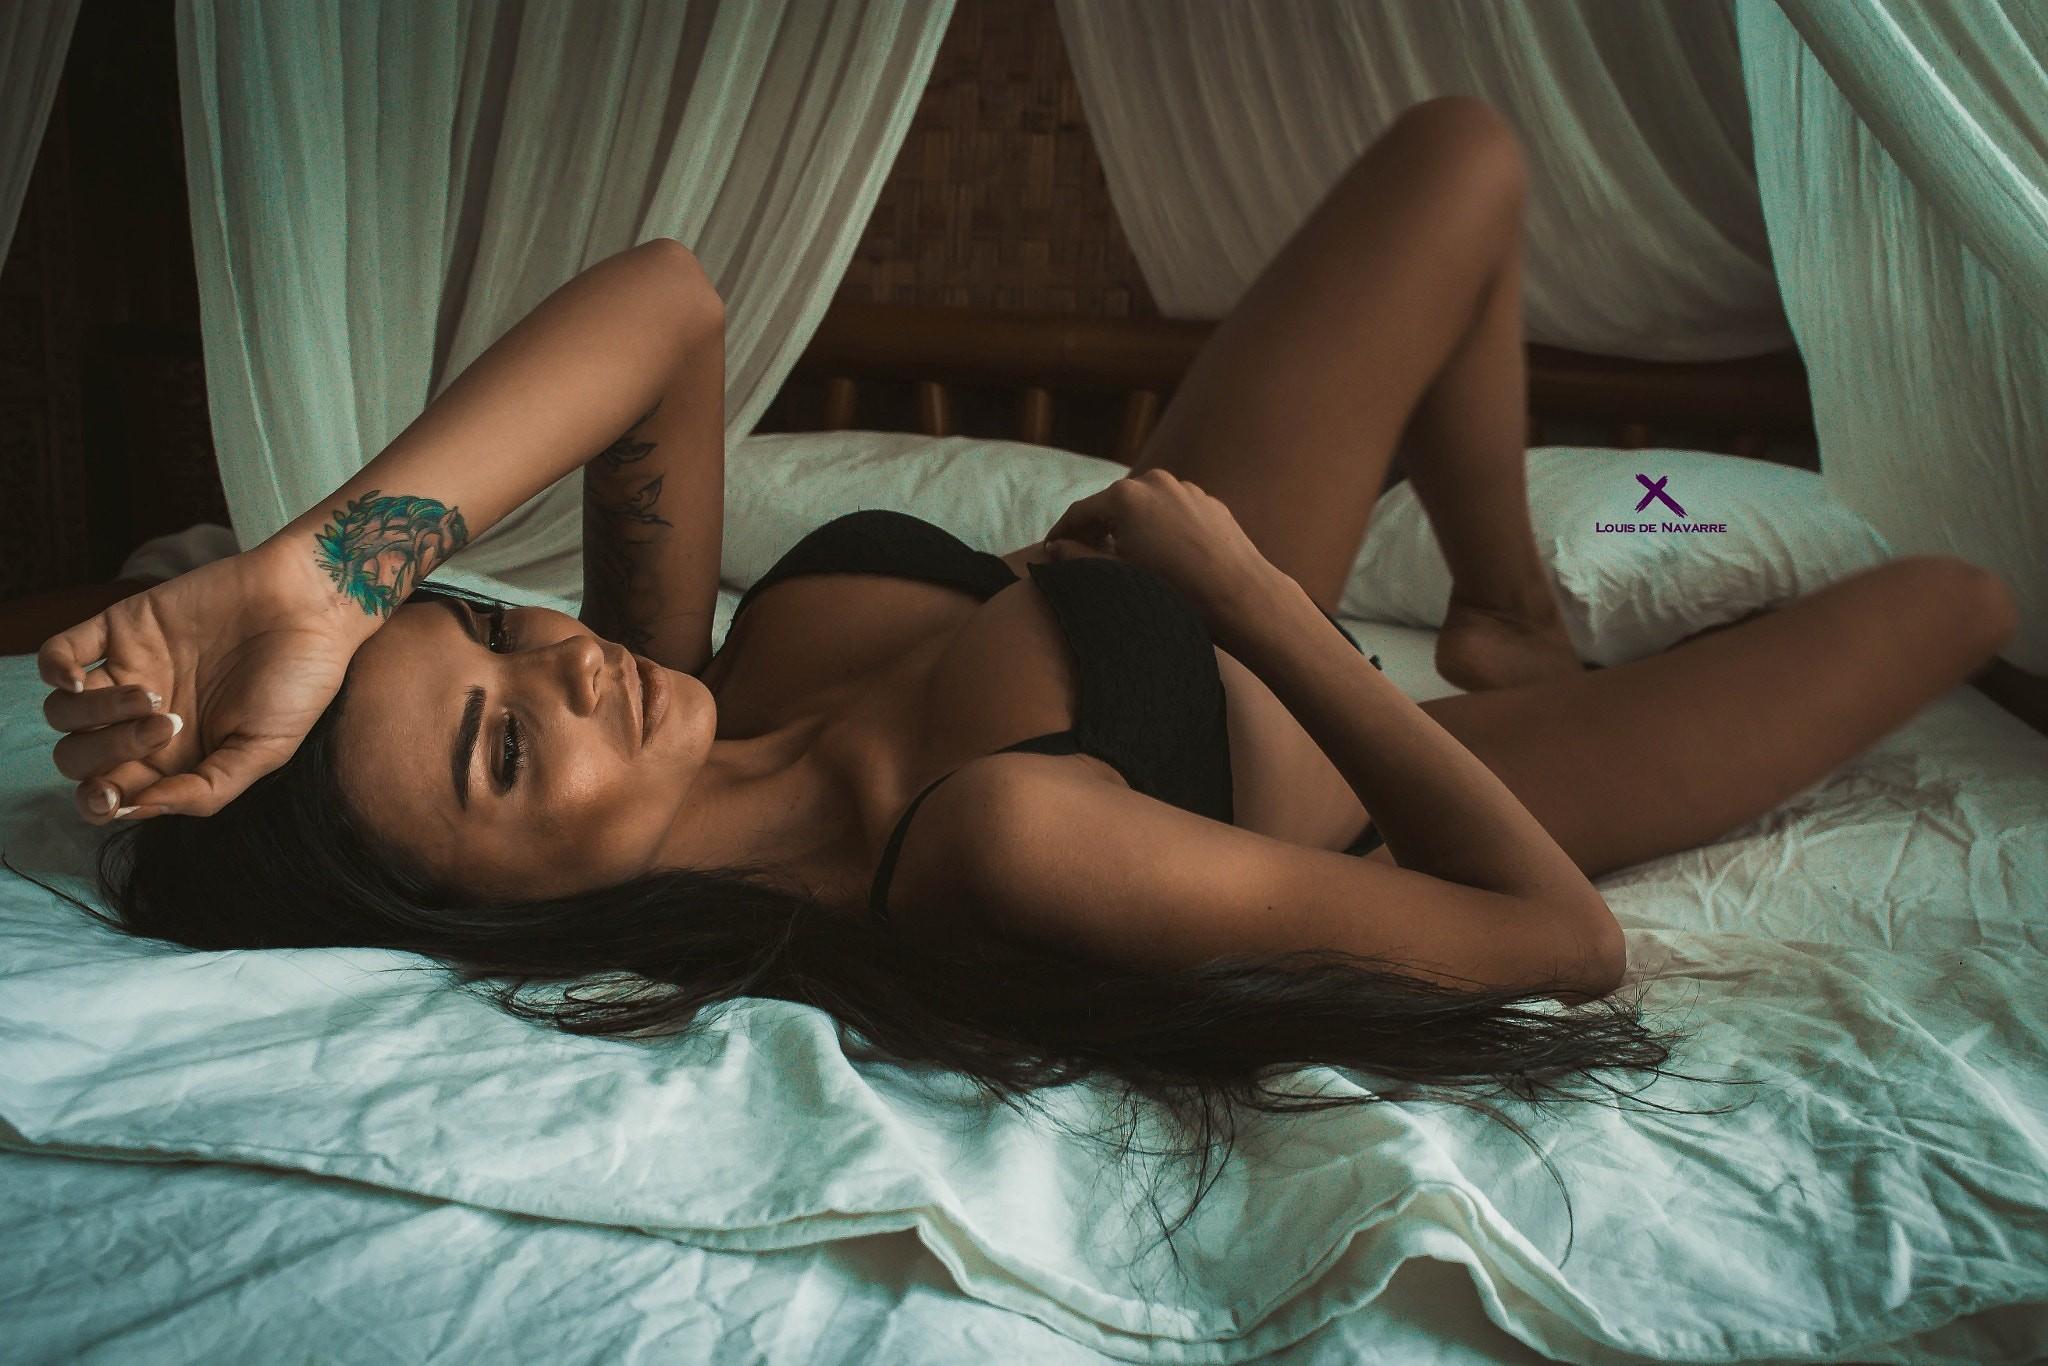 красивая девушка ксюша в постели занимает положение матке